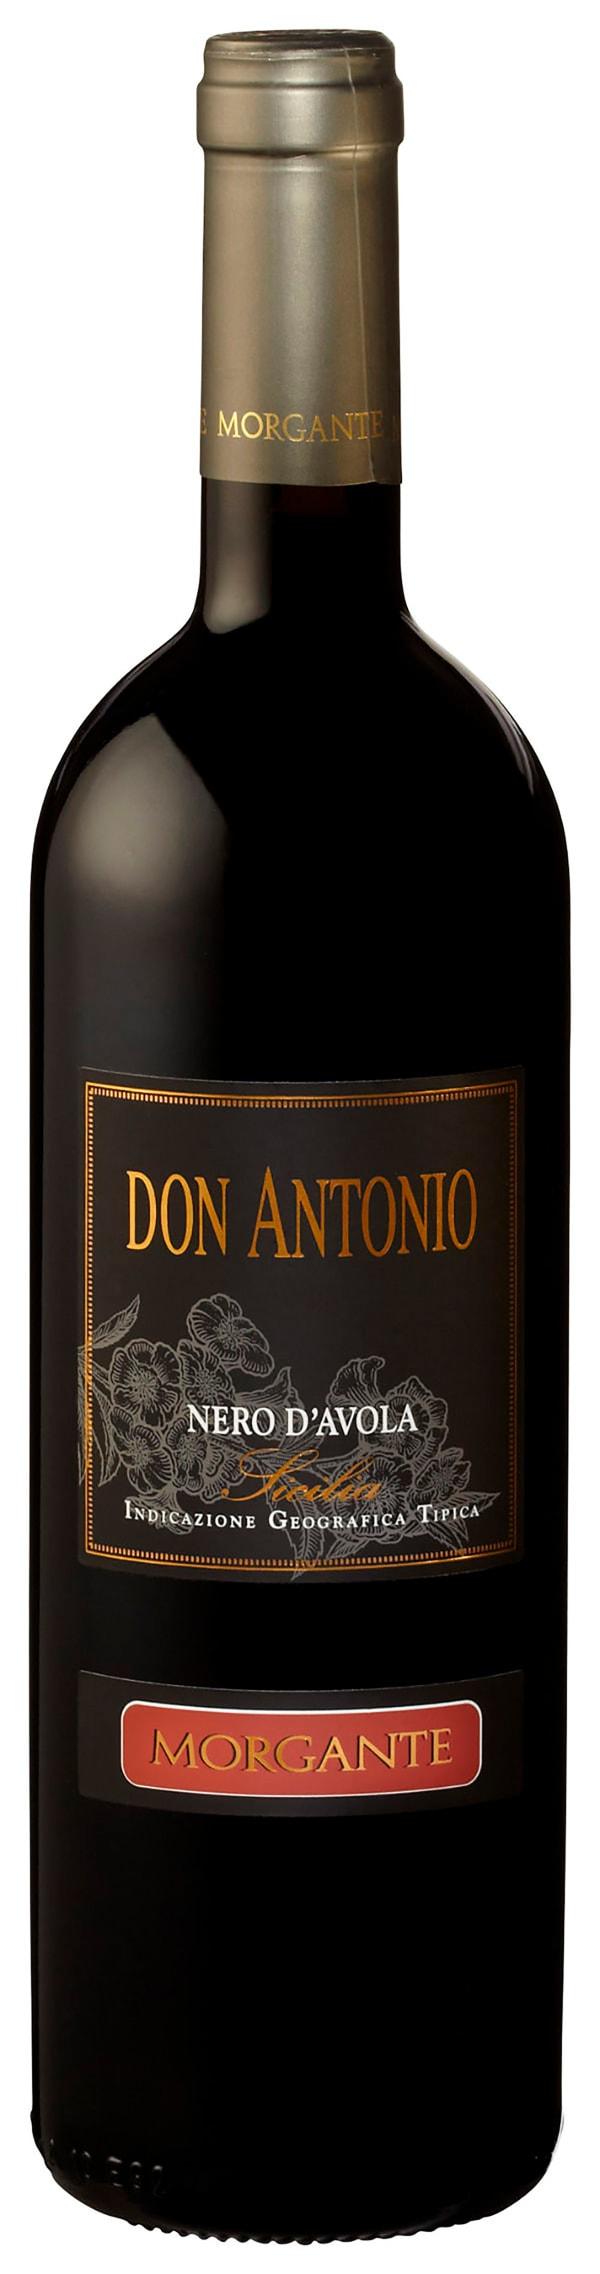 Morgante Don Antonio Nero d'Avola 2004